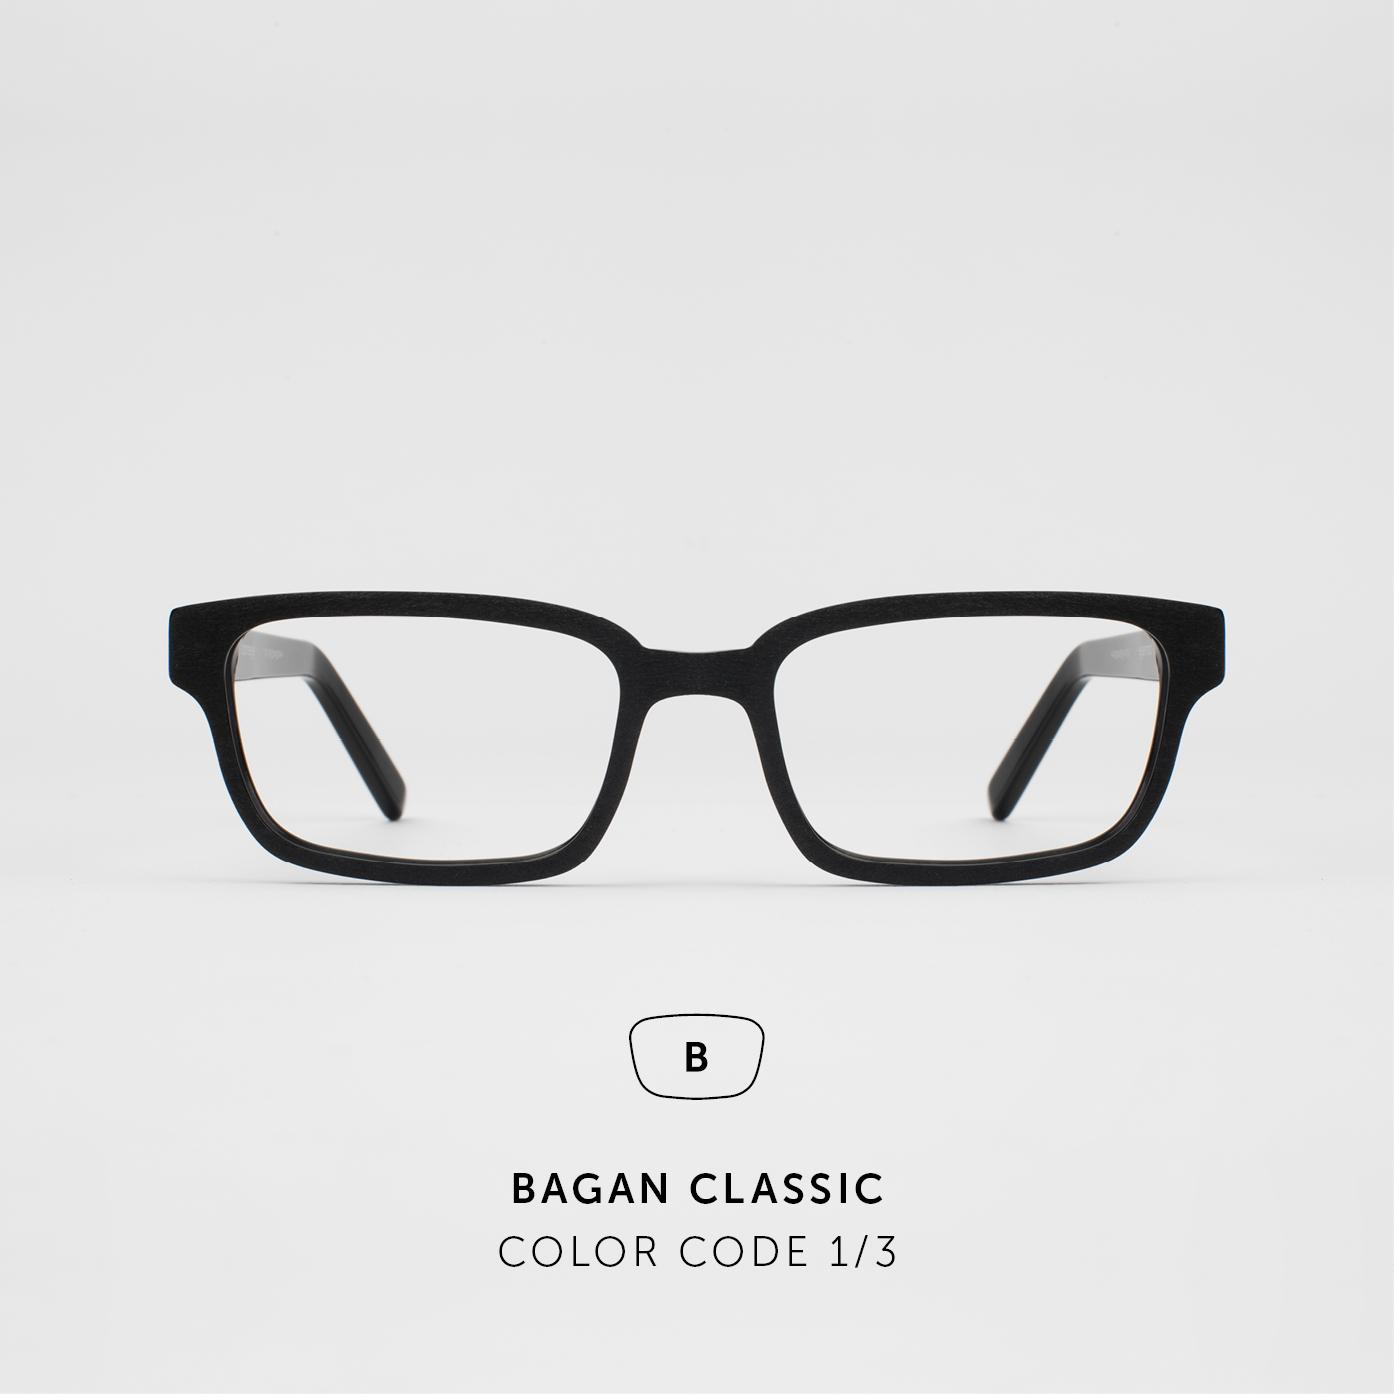 BaganClassic5.jpg